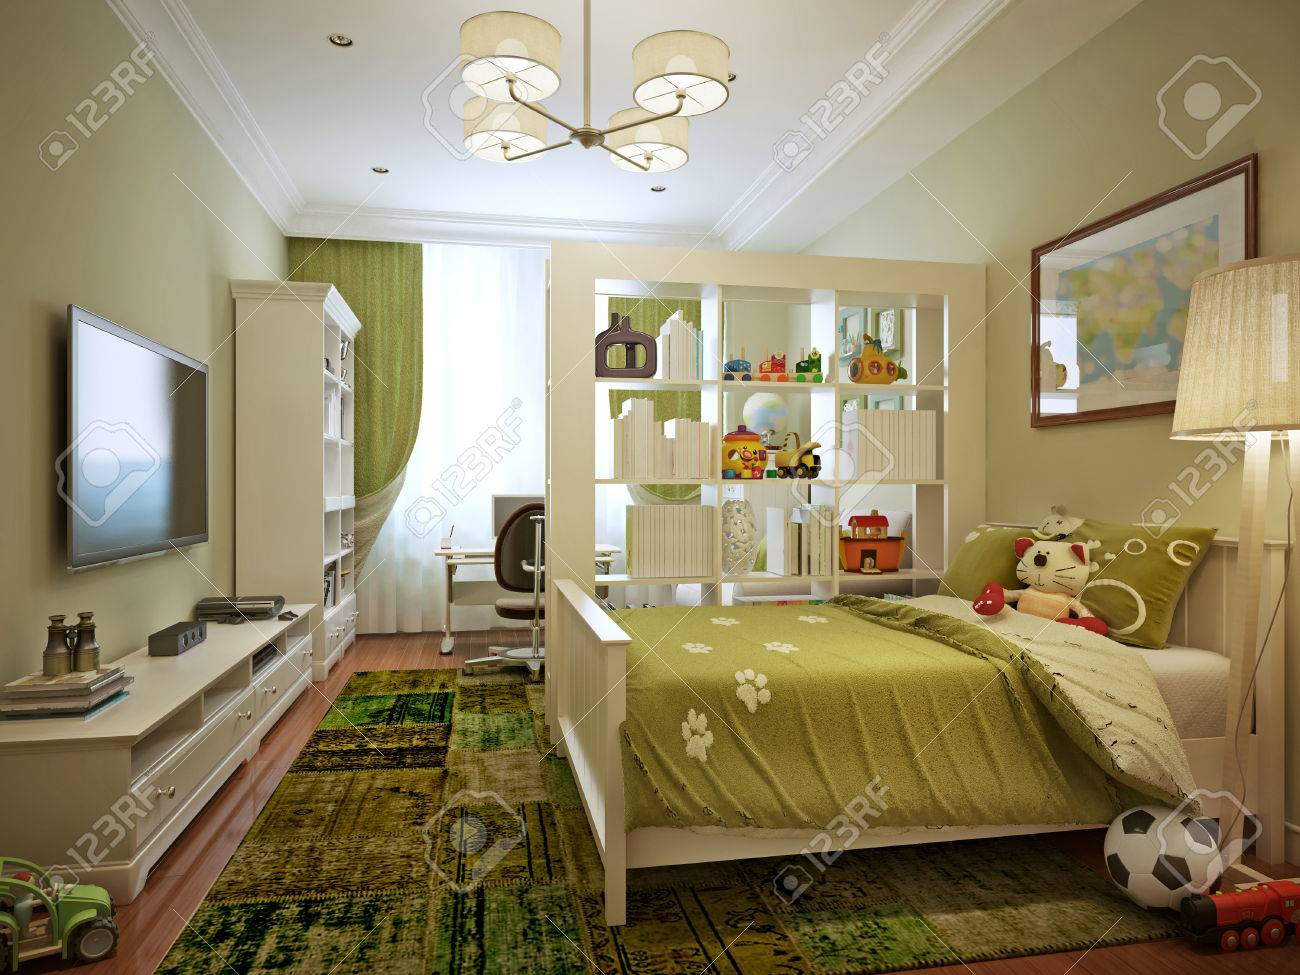 Full Size of Jungen Junge Wandgestaltung Pinterest Babyzimmer Streichen Ikea Auto Gestalten Komplett Teppich Regal Weiß Sofa Regale Kinderzimmer Jungen Kinderzimmer